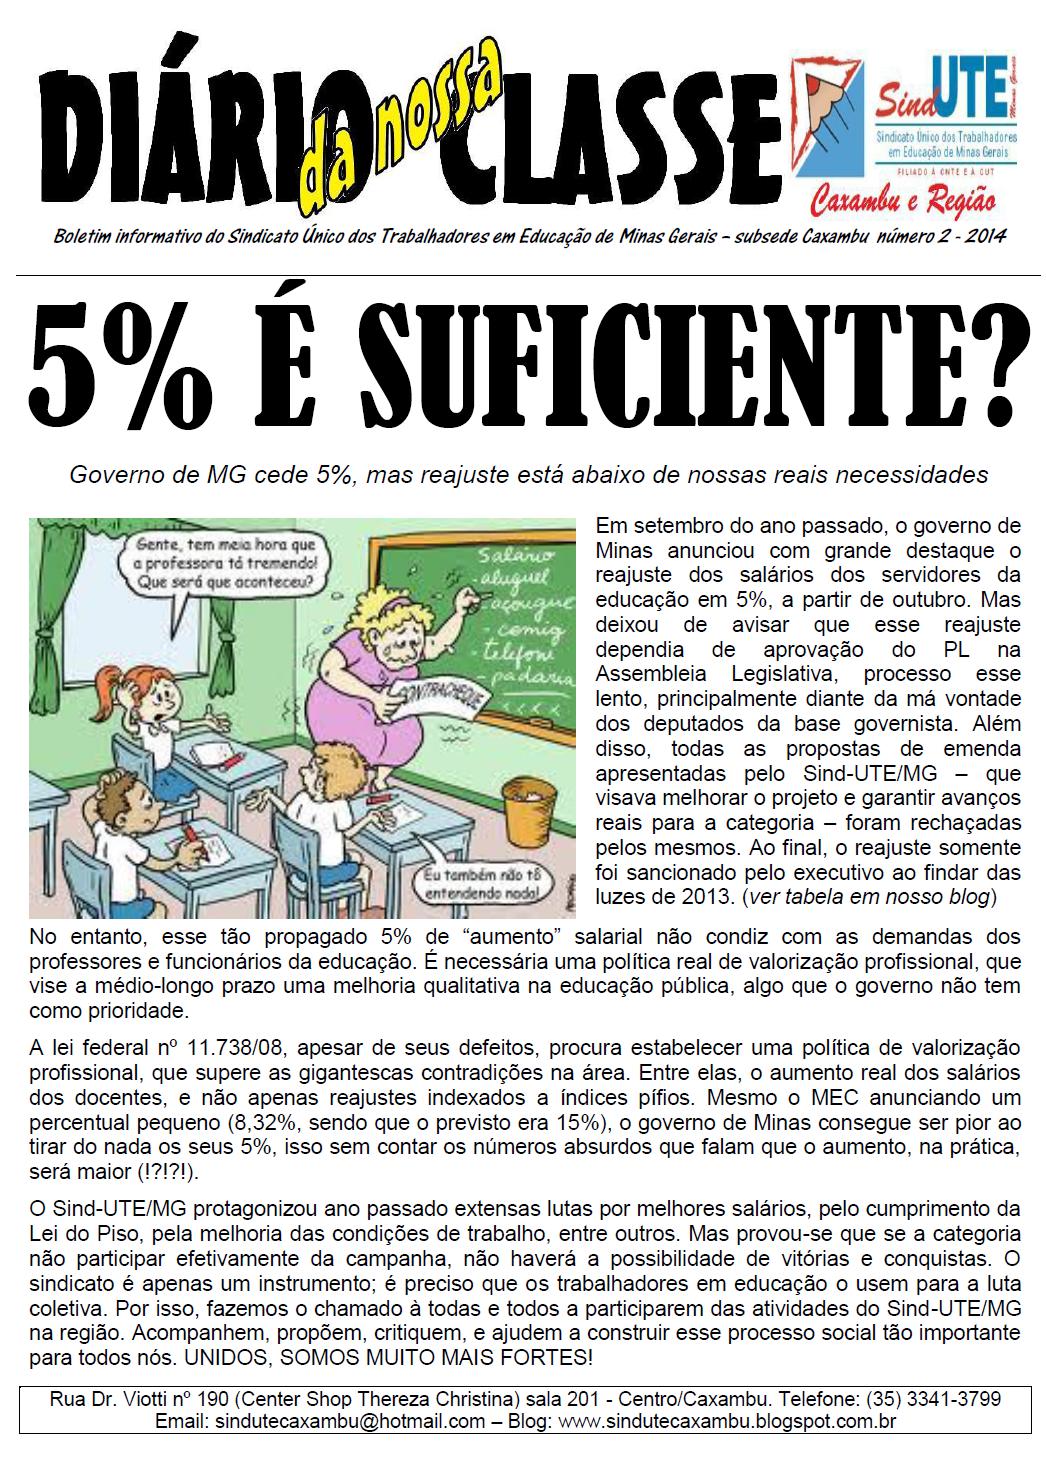 Jornal Diário da nossa Classe 02/2014